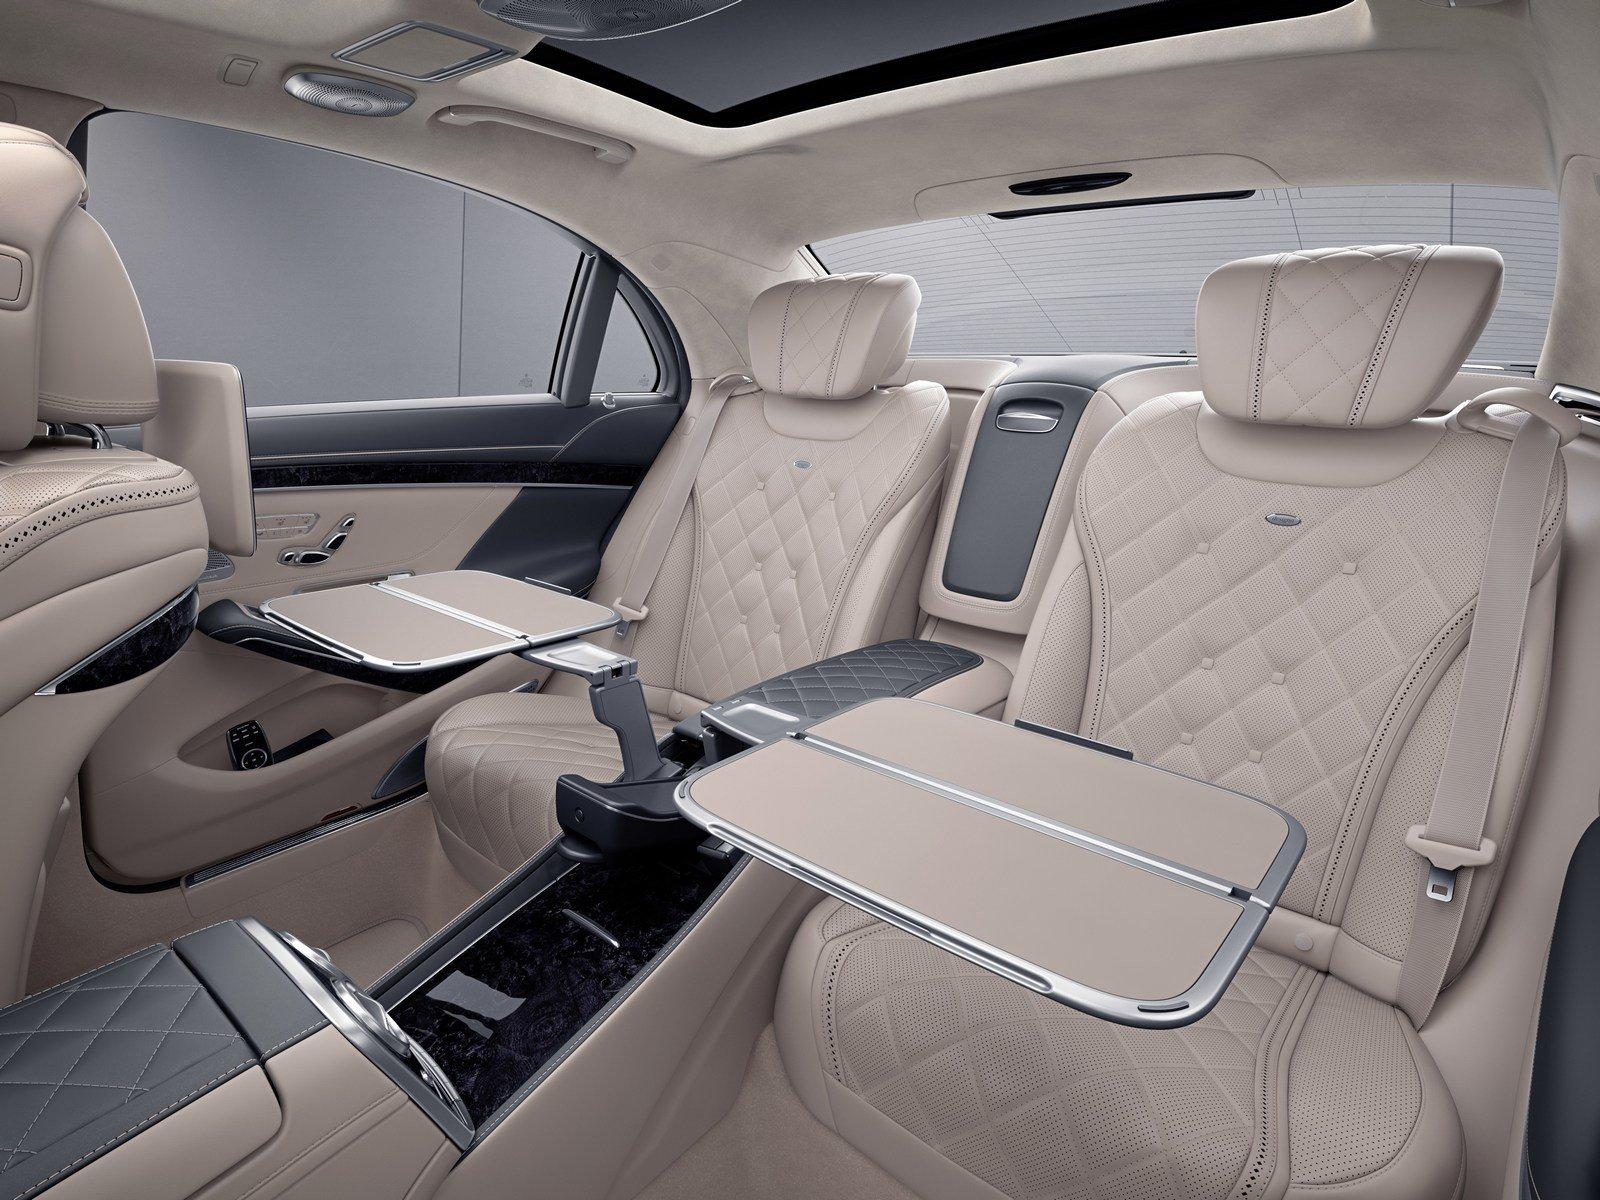 Nová první třída v letadlech Boeing 777 společnosti Emirates se inspirovala luxusním interiérem vozu Mercedes-Benz S-Class